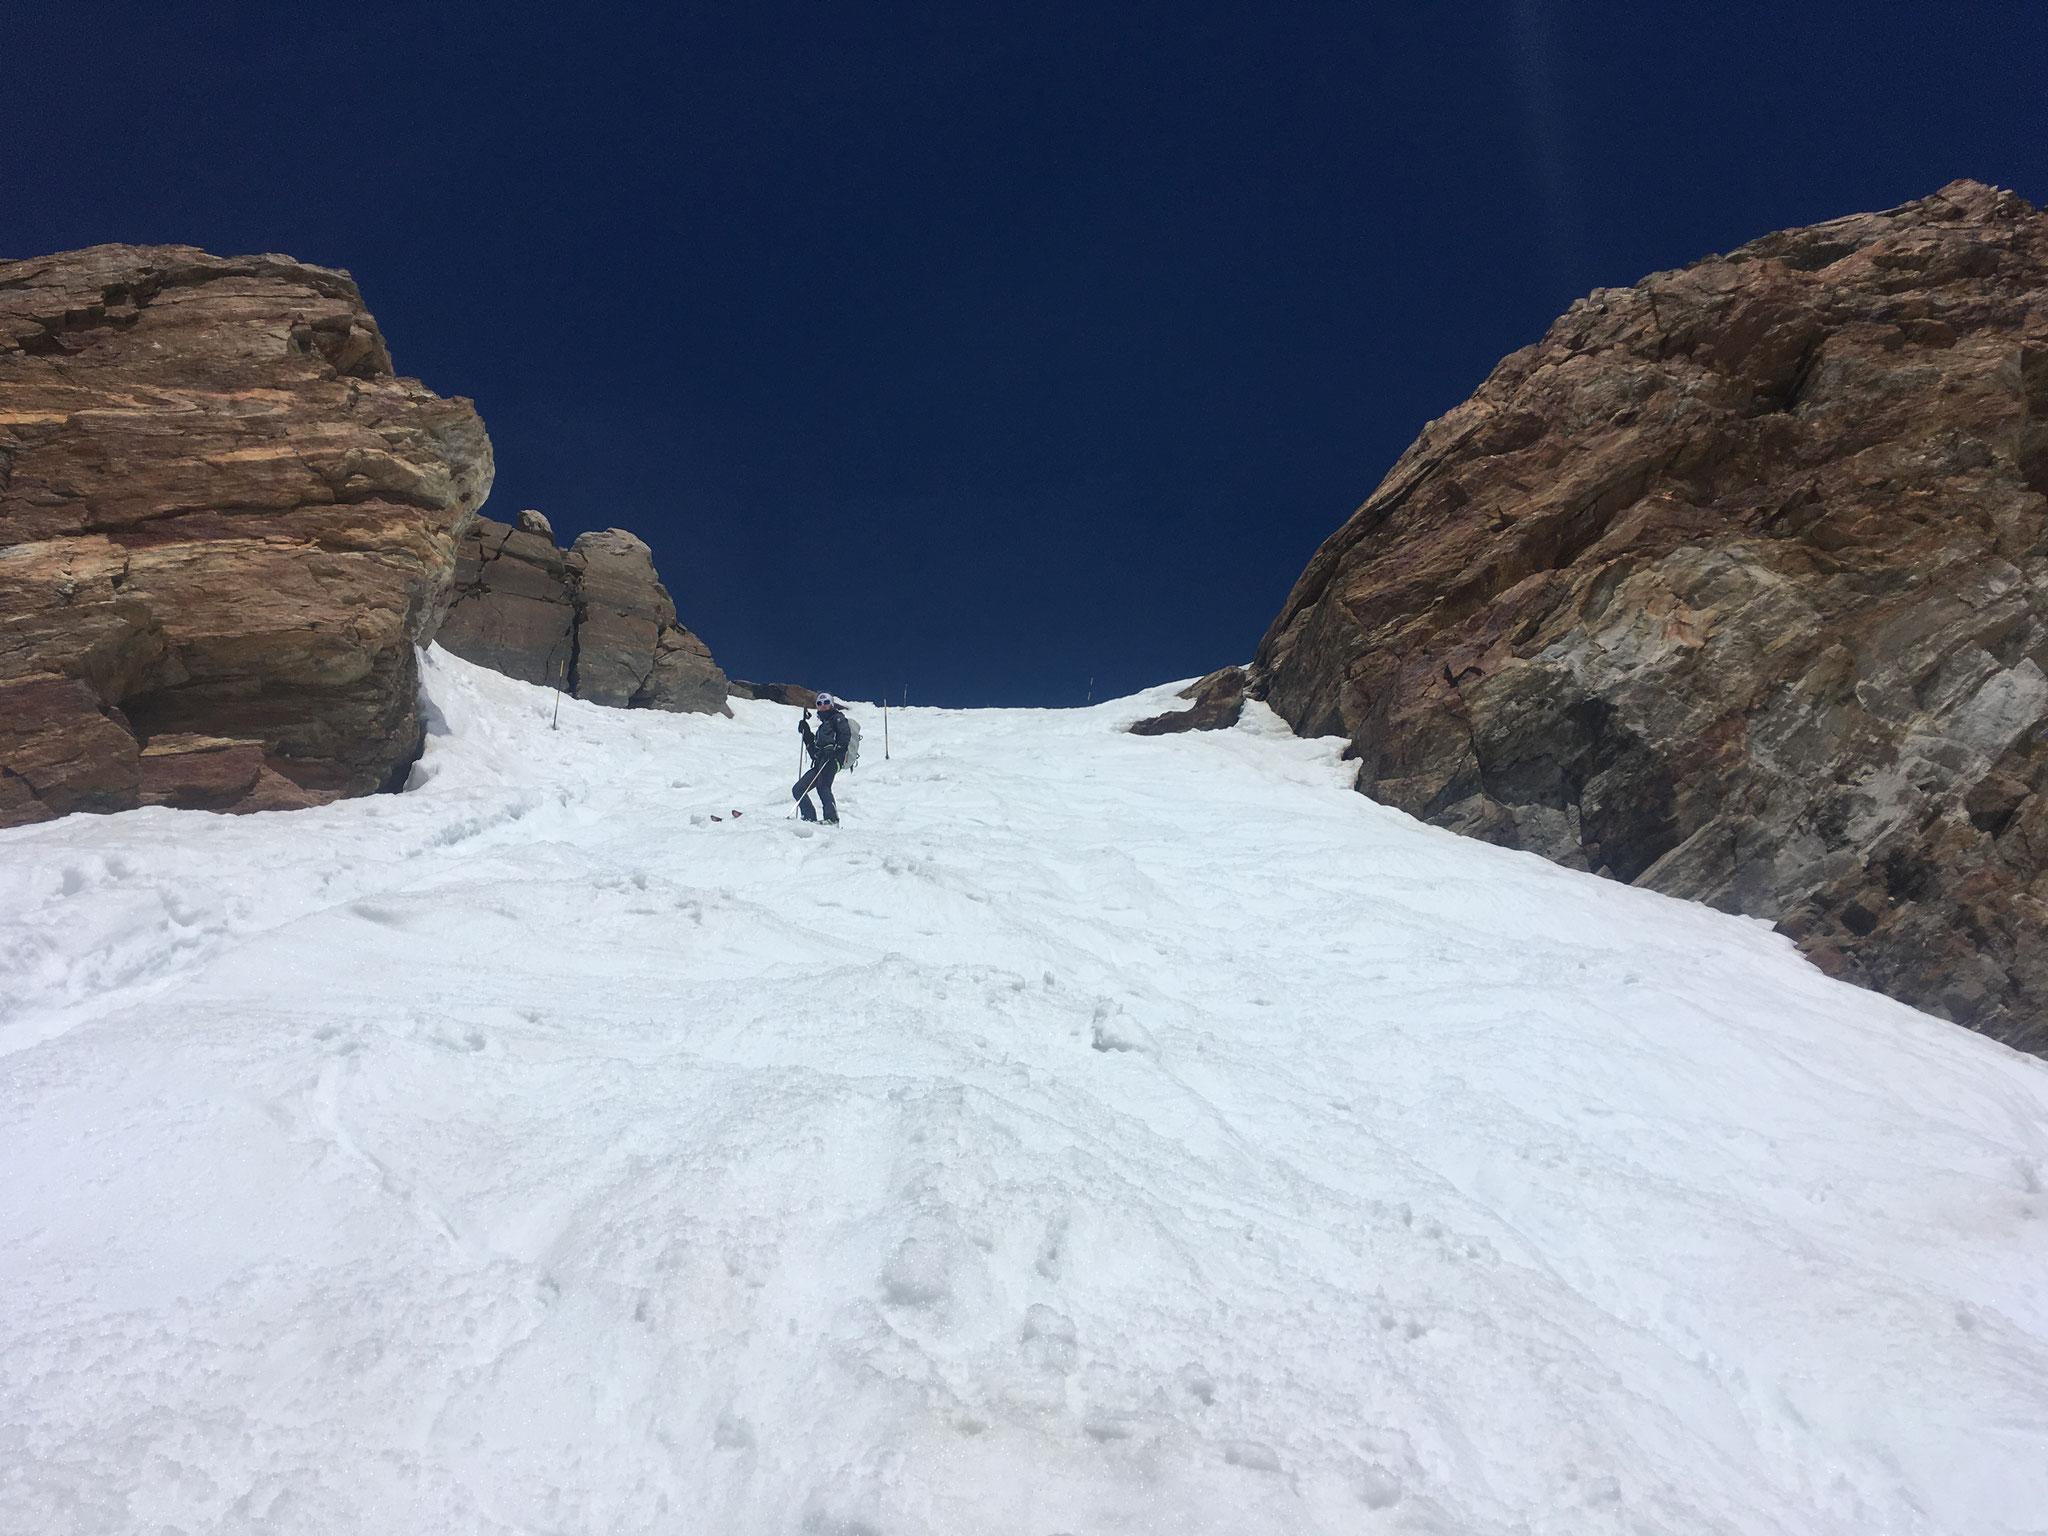 Après une super descente à ski, le dernier couloir raide direct sur Pta Indren